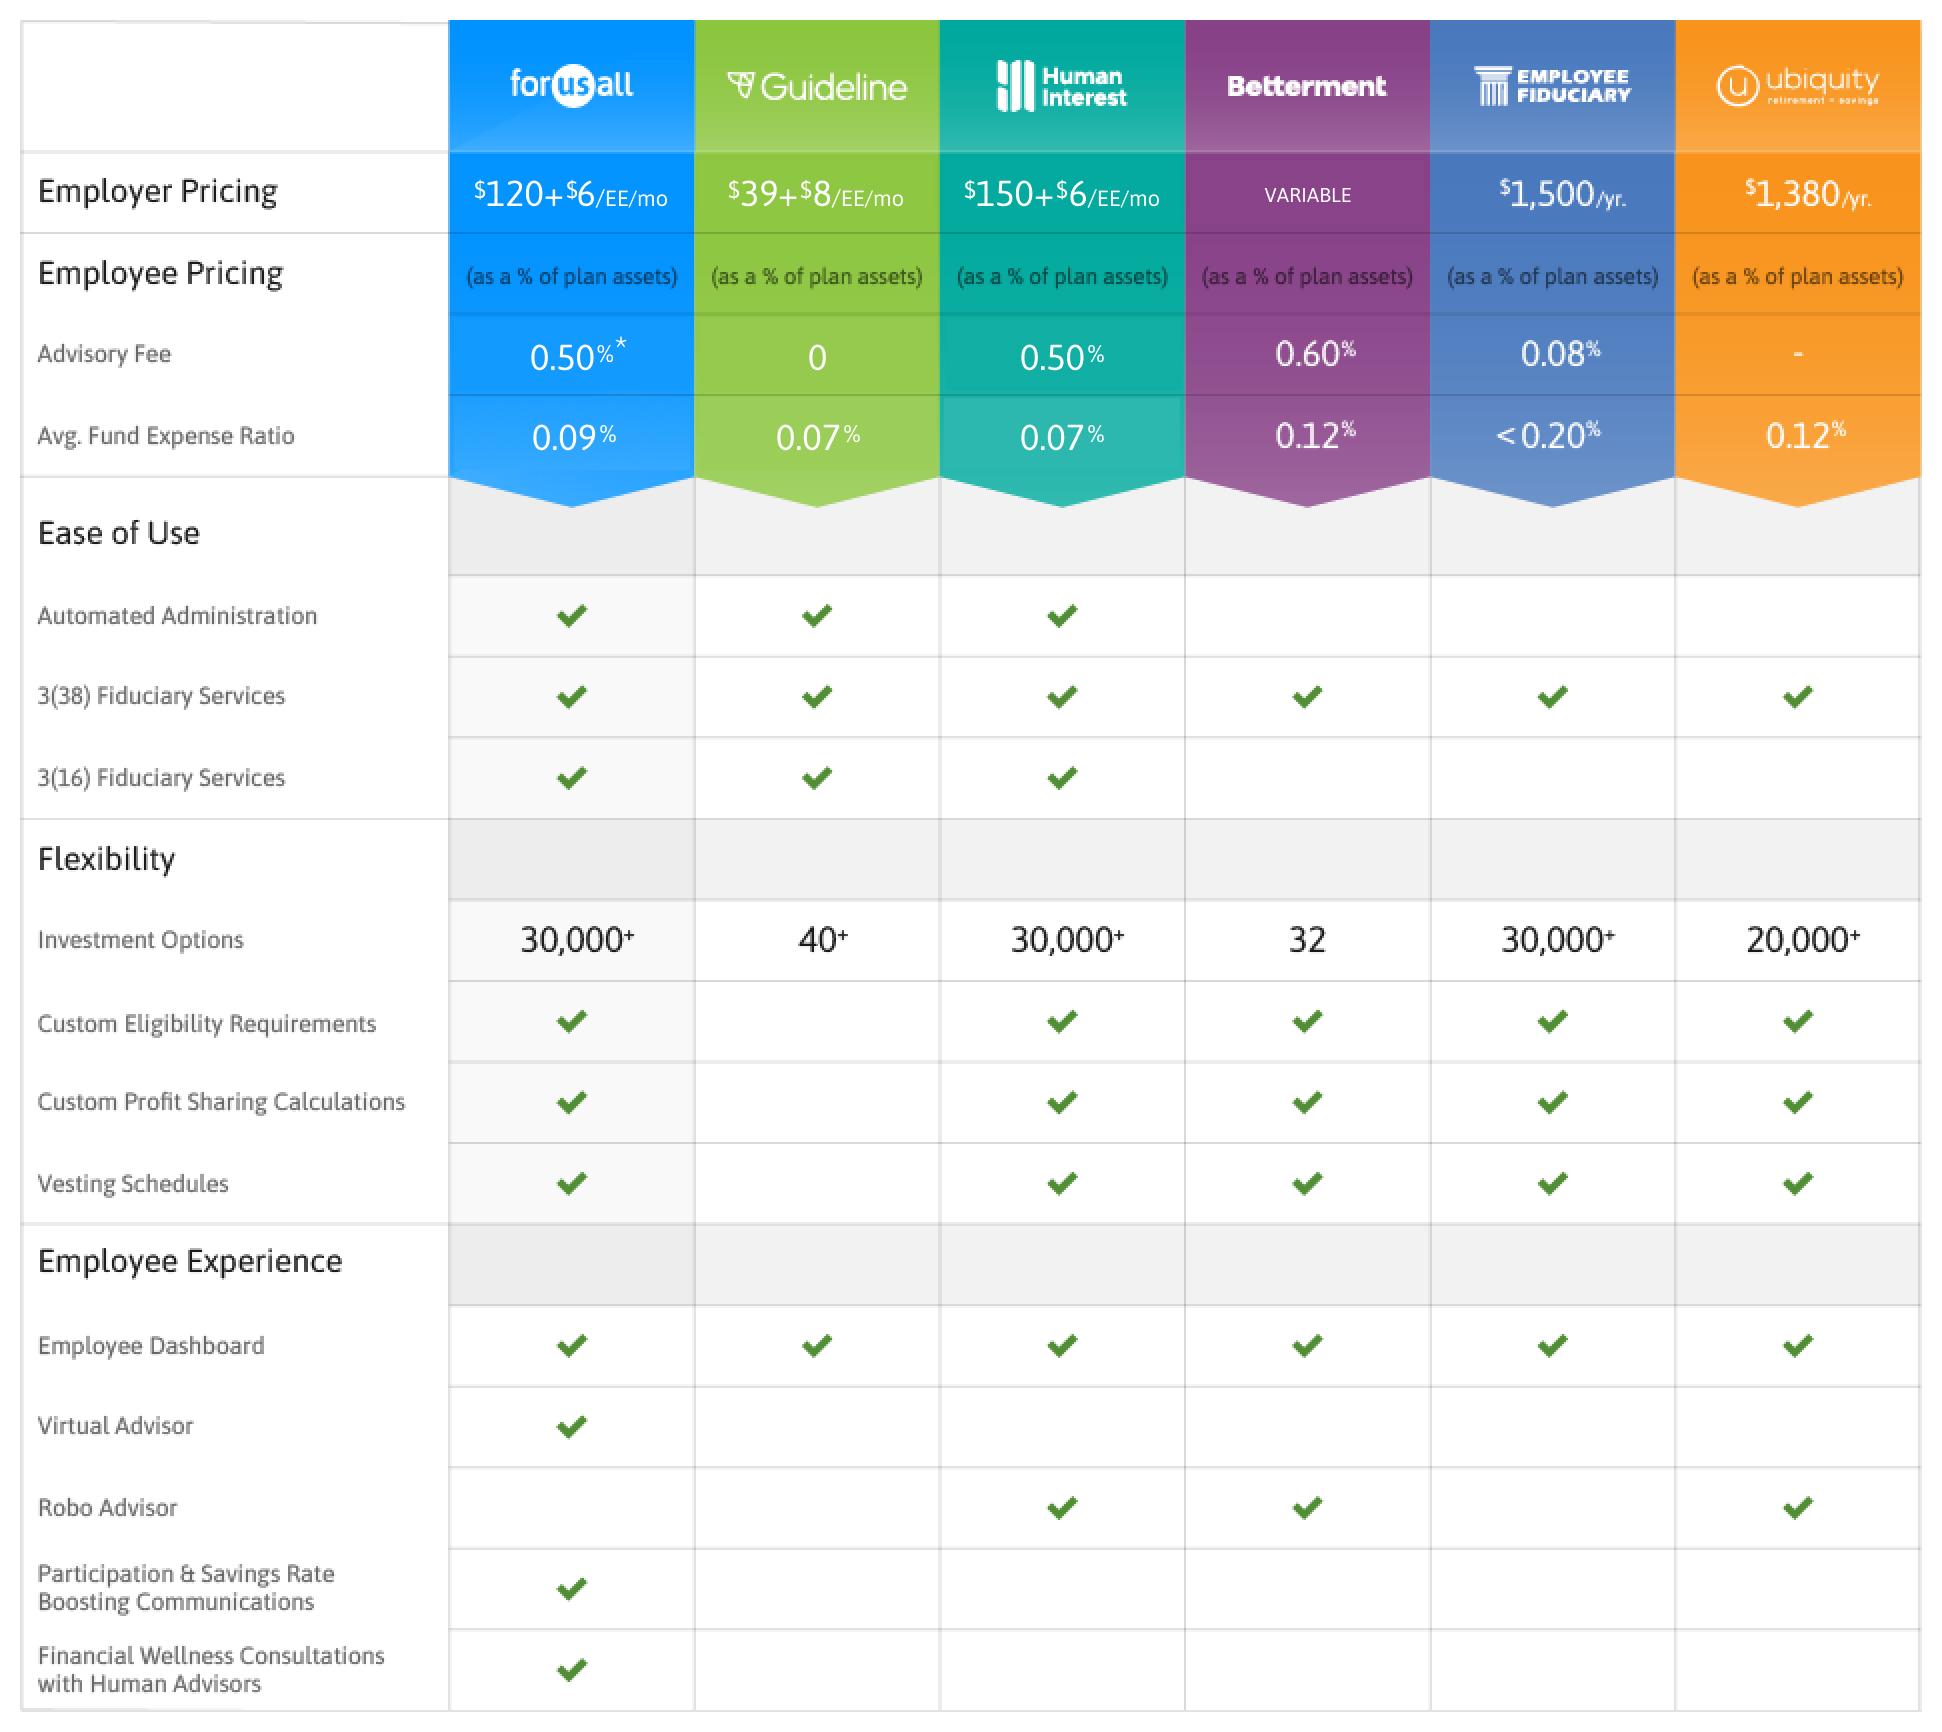 Small-Business-401k-Provider-Comparison-Chart_001